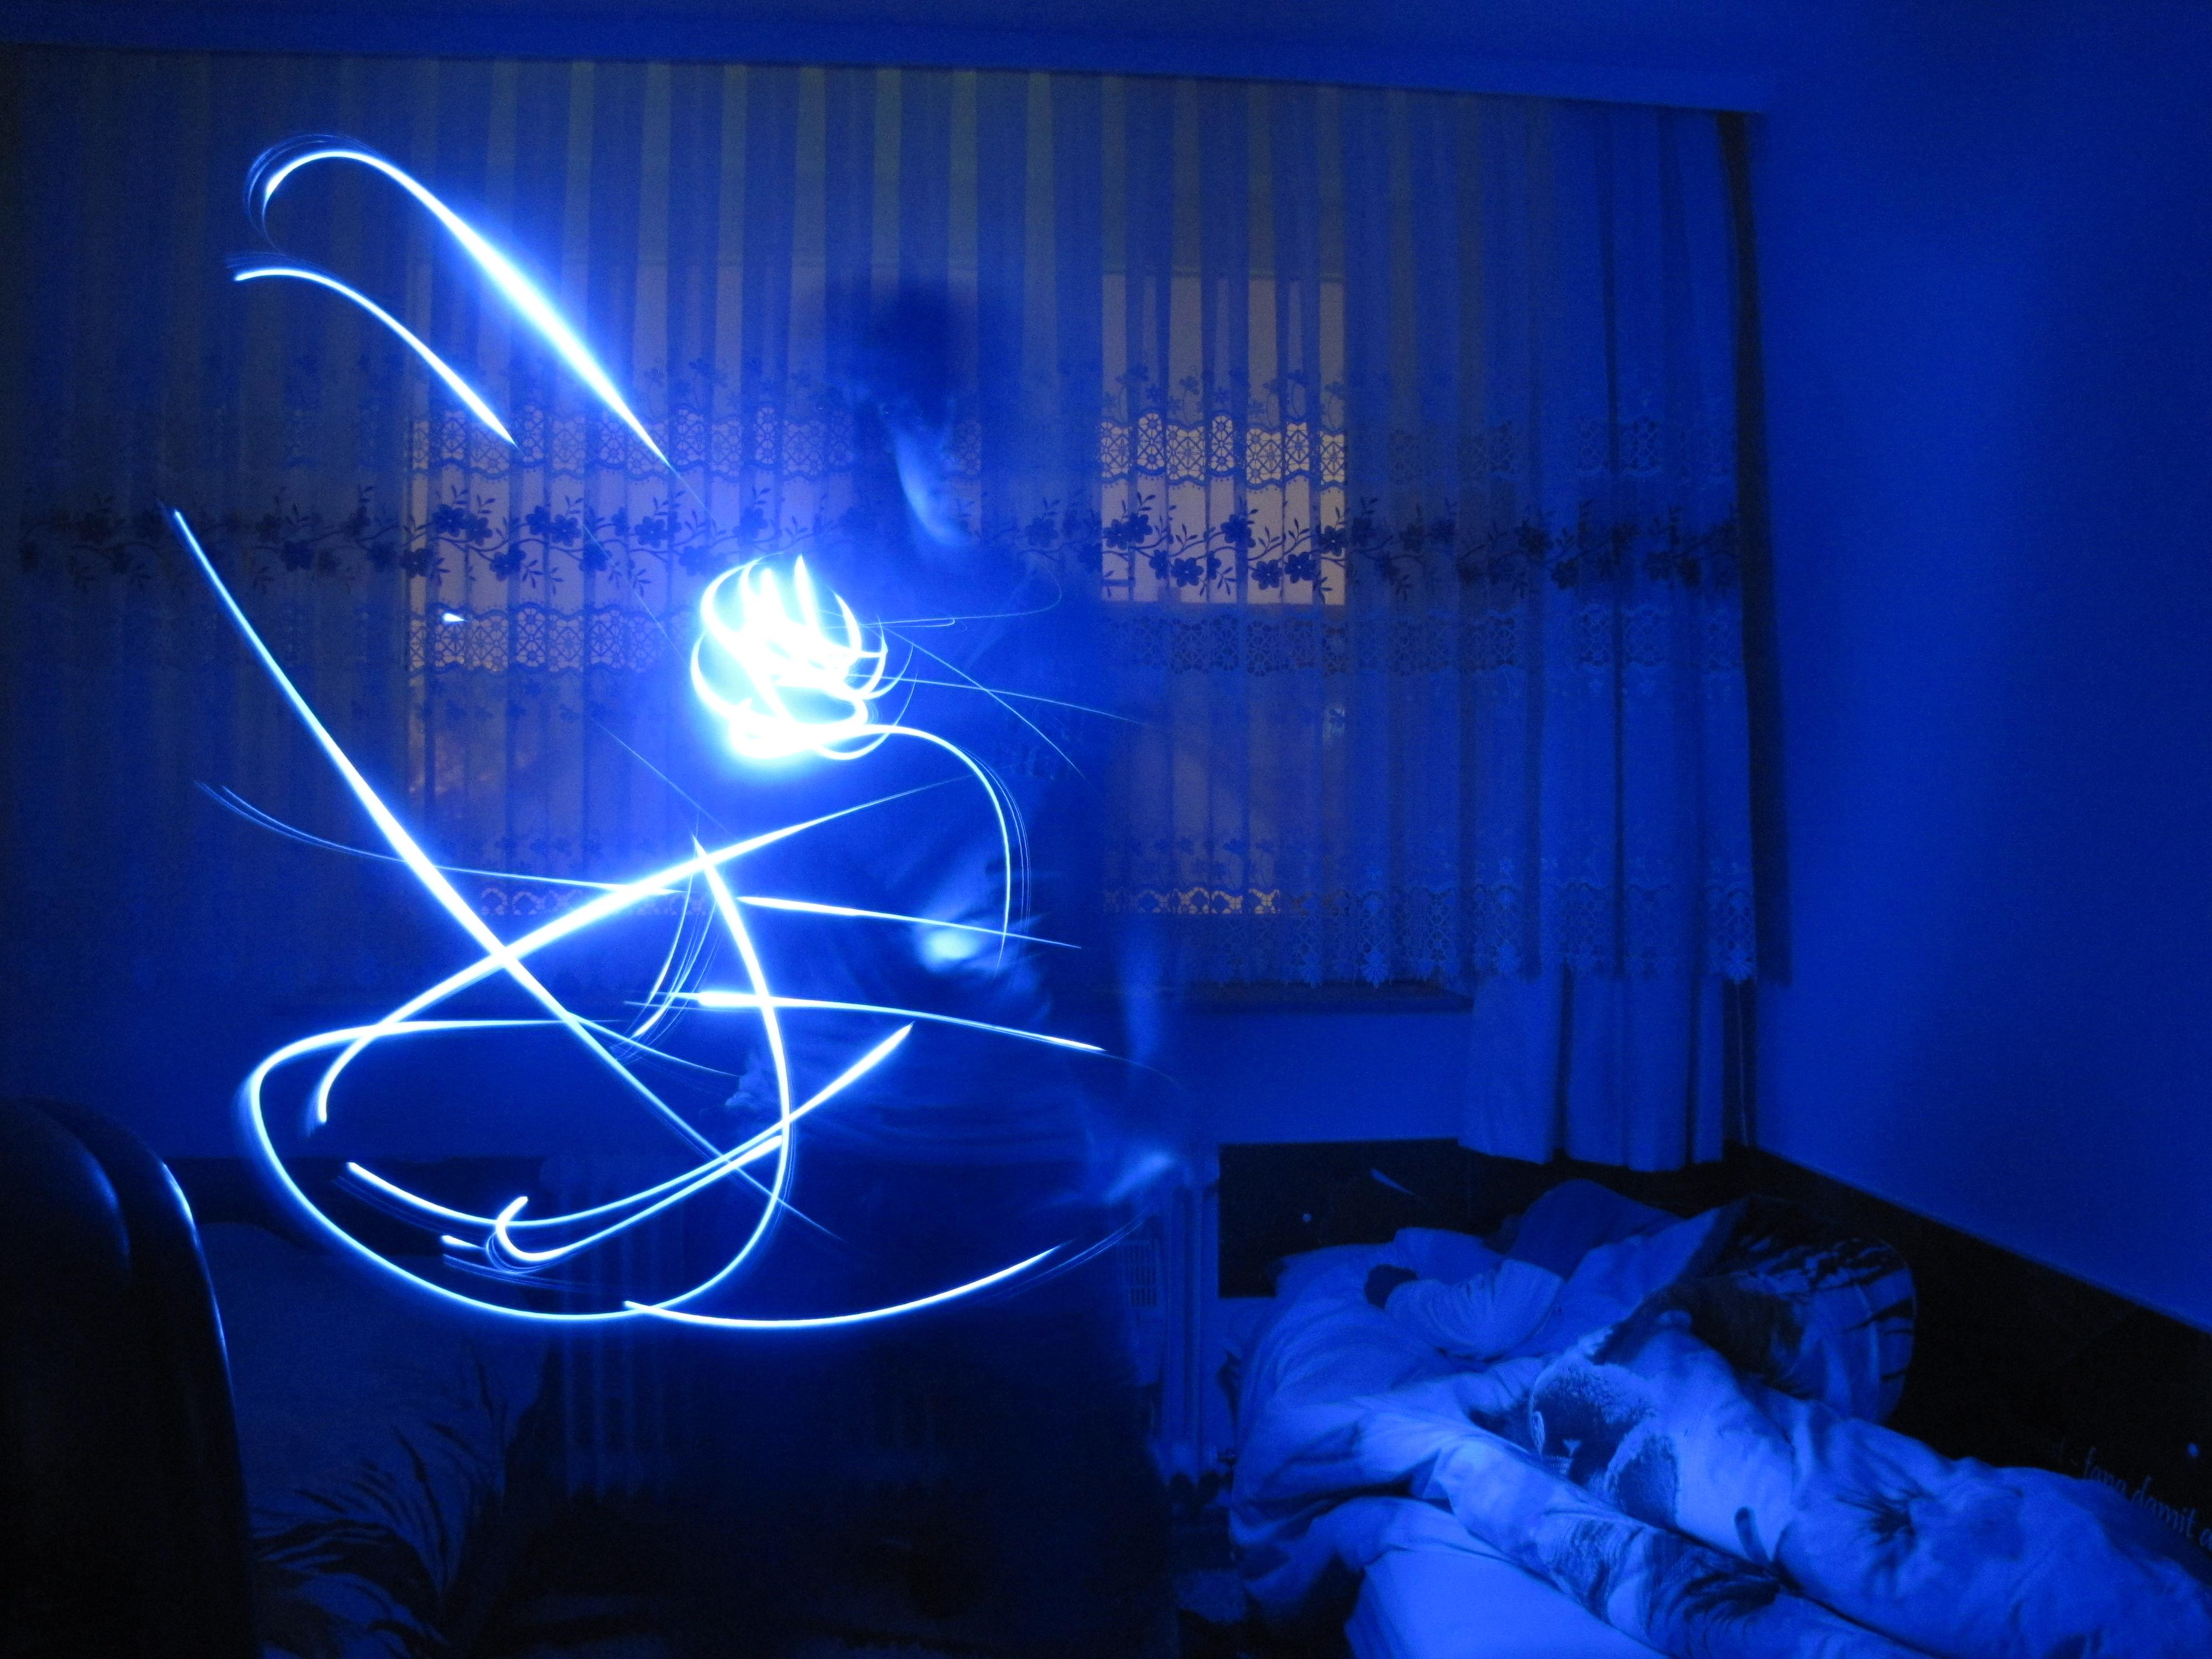 mesut demirelli the night dimension